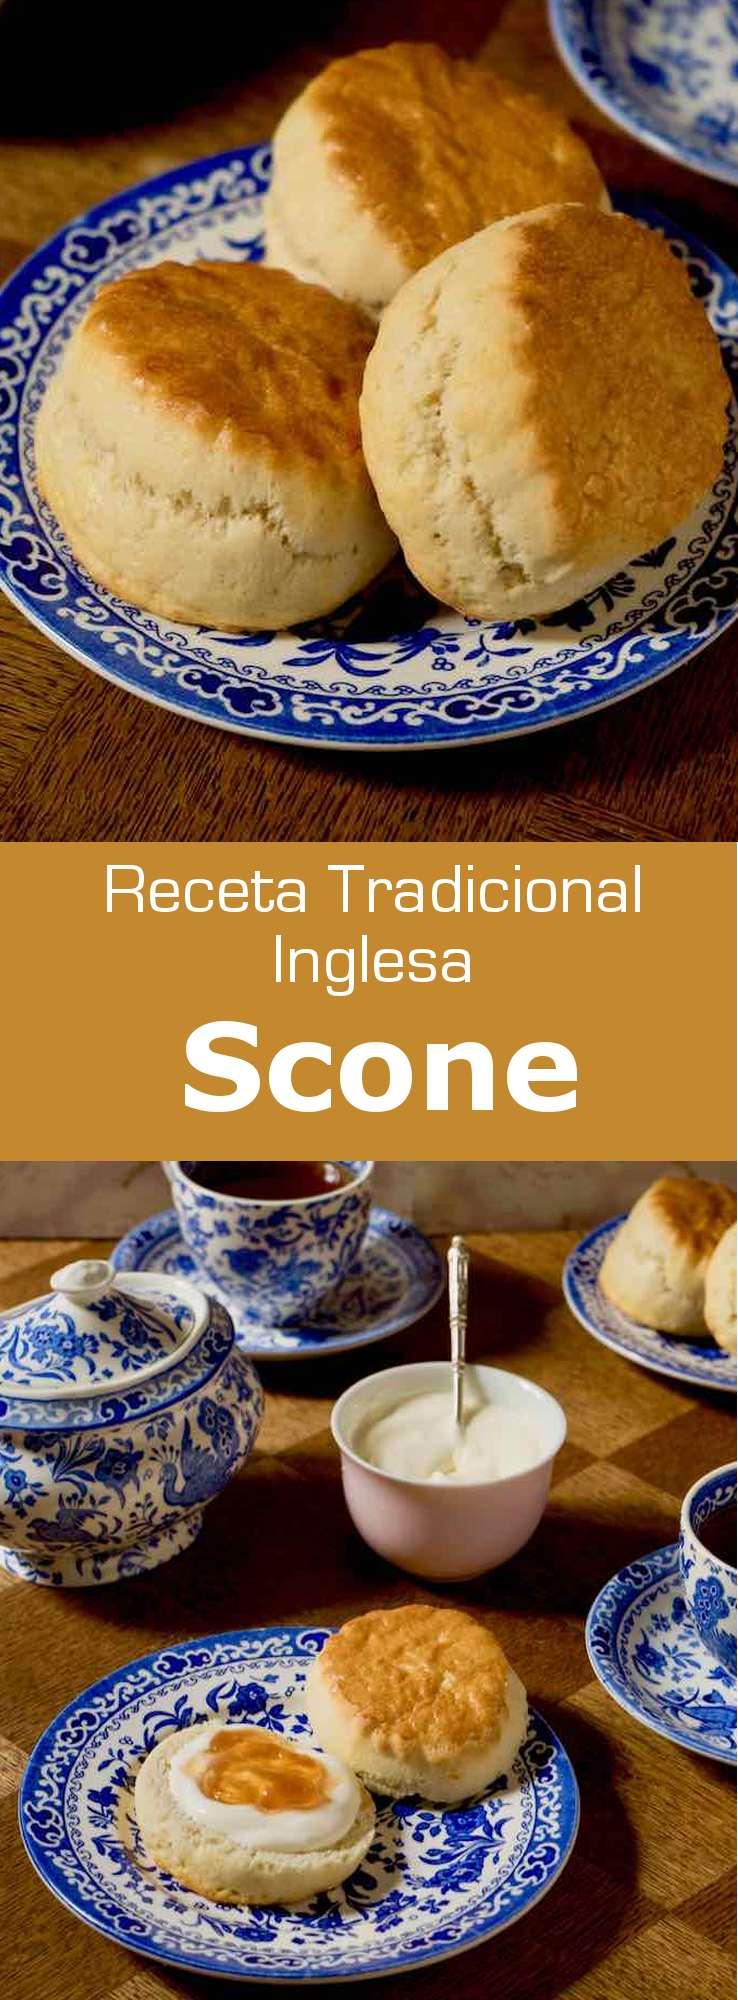 Un scone es un delicioso bollo tradicional británico que se sirve a menudo a la hora del té, junto con mermelada y nata cuajada.